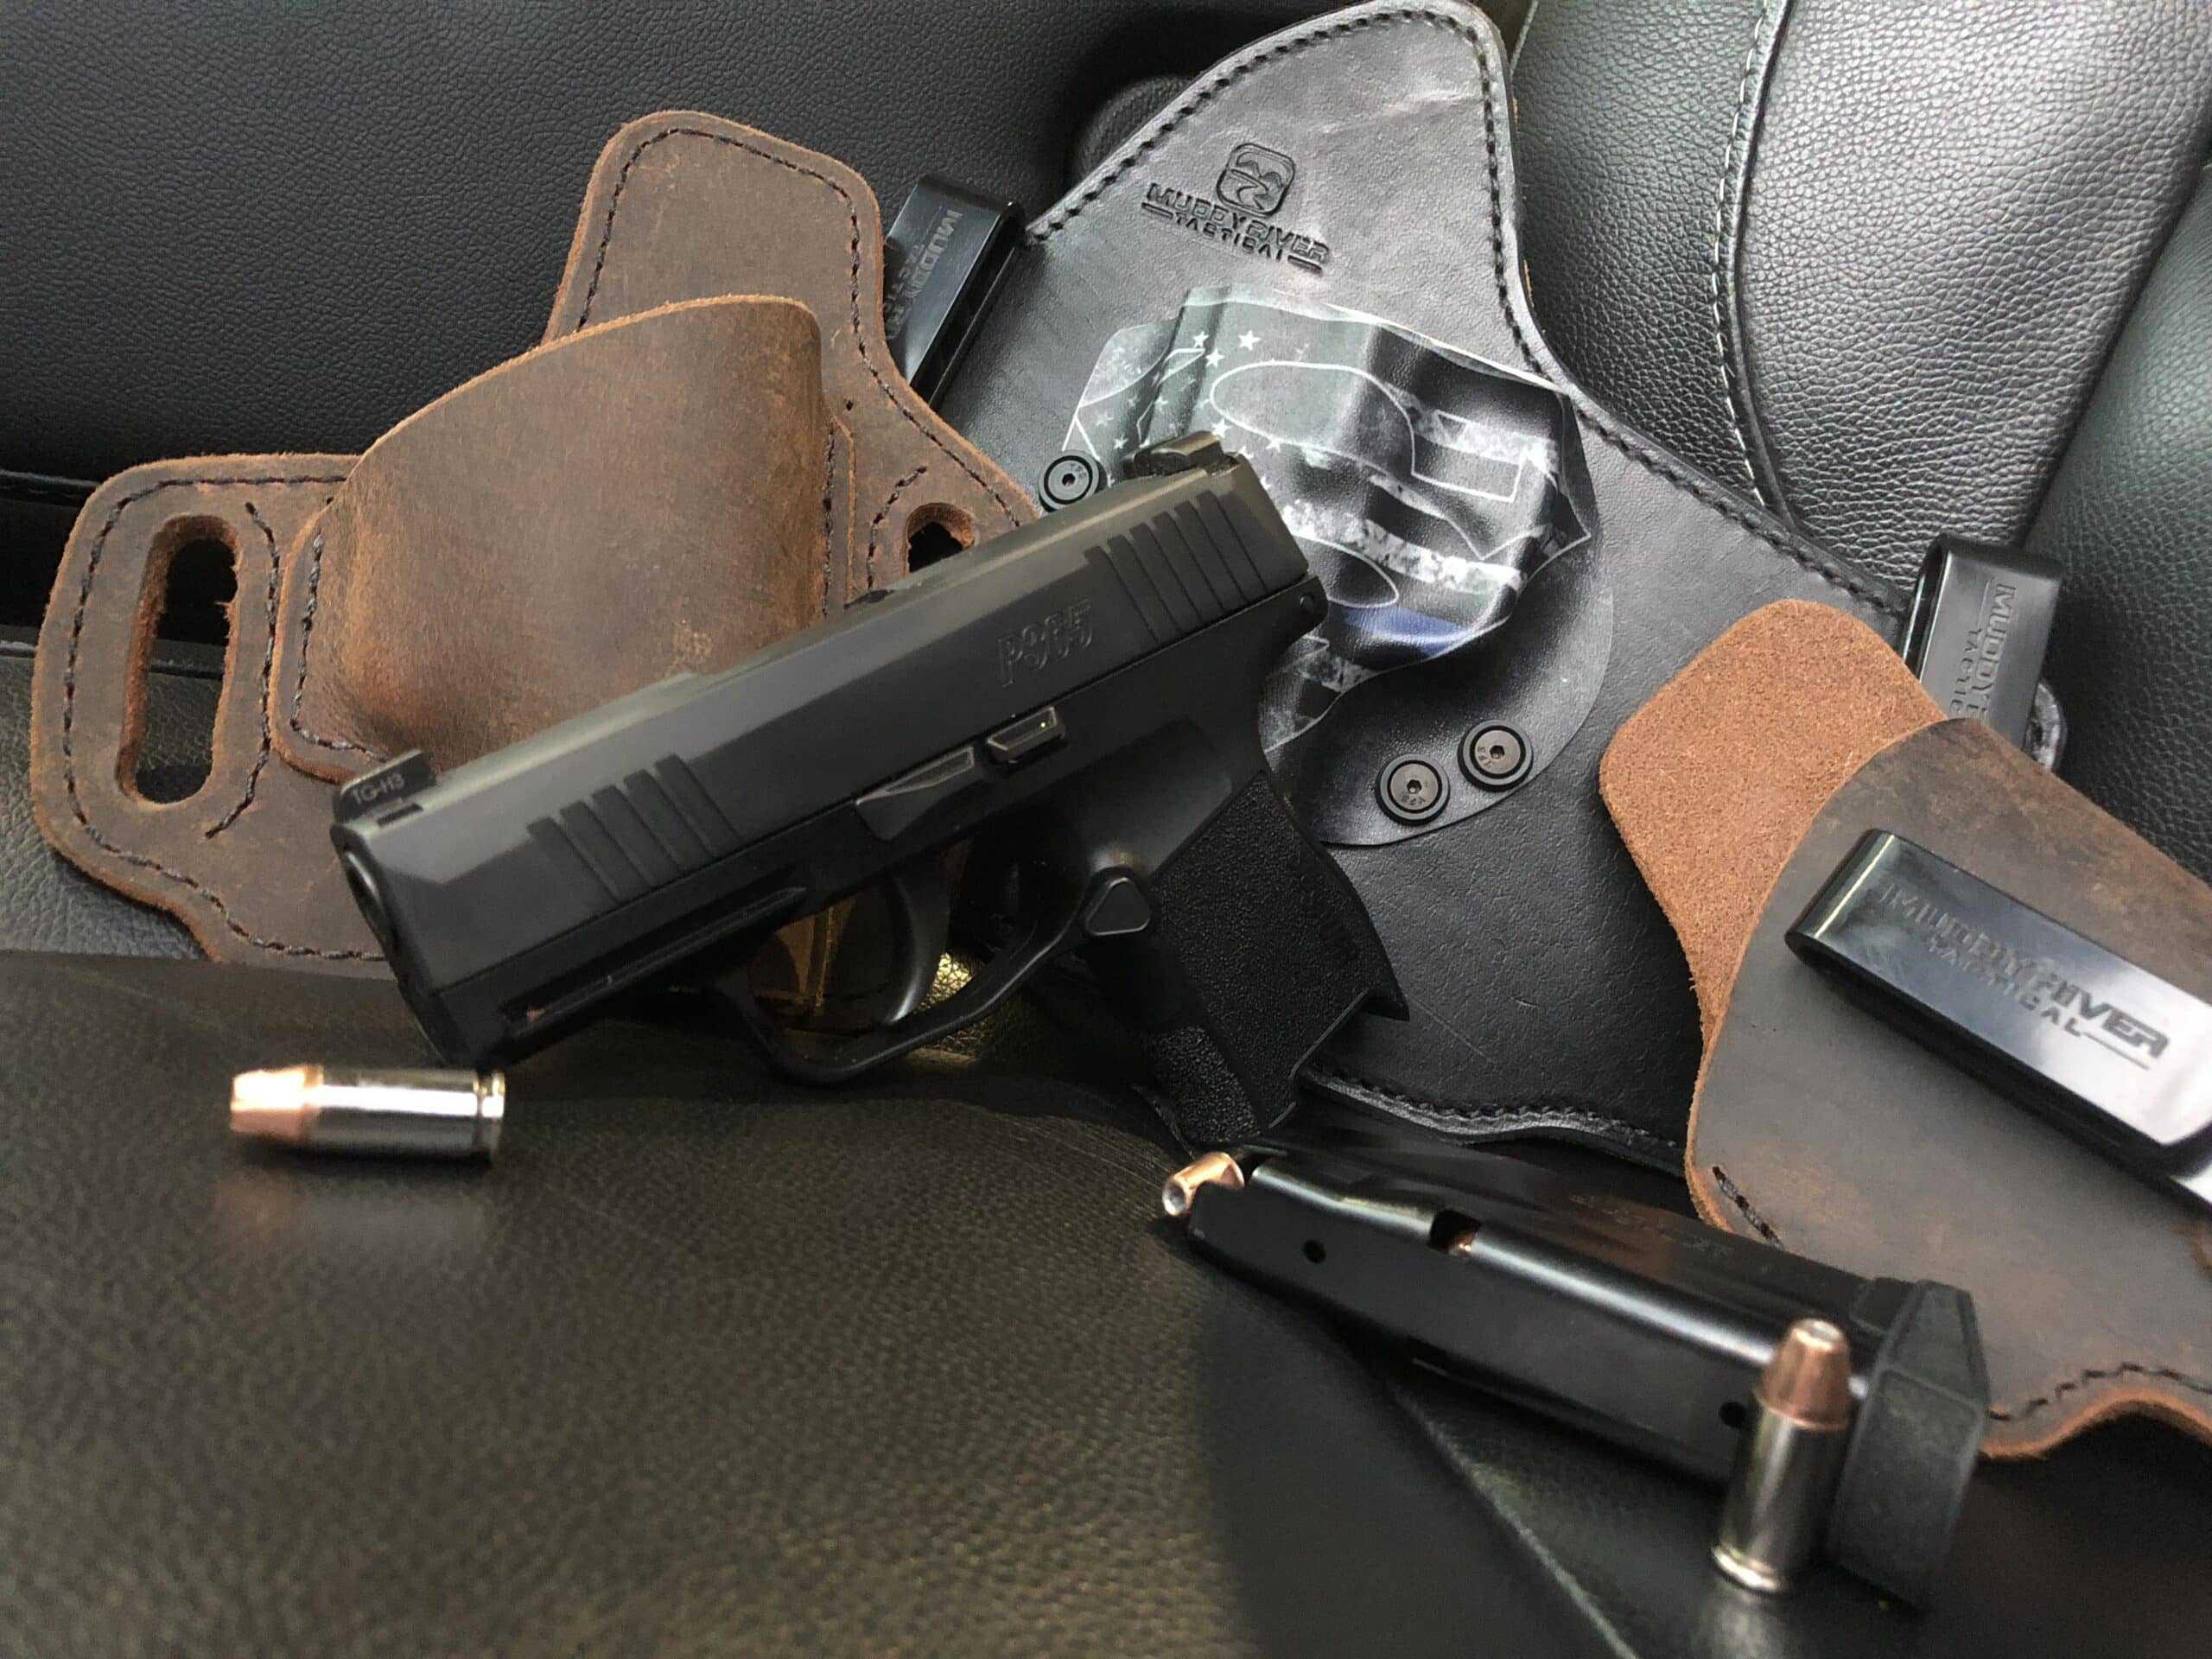 edc gun